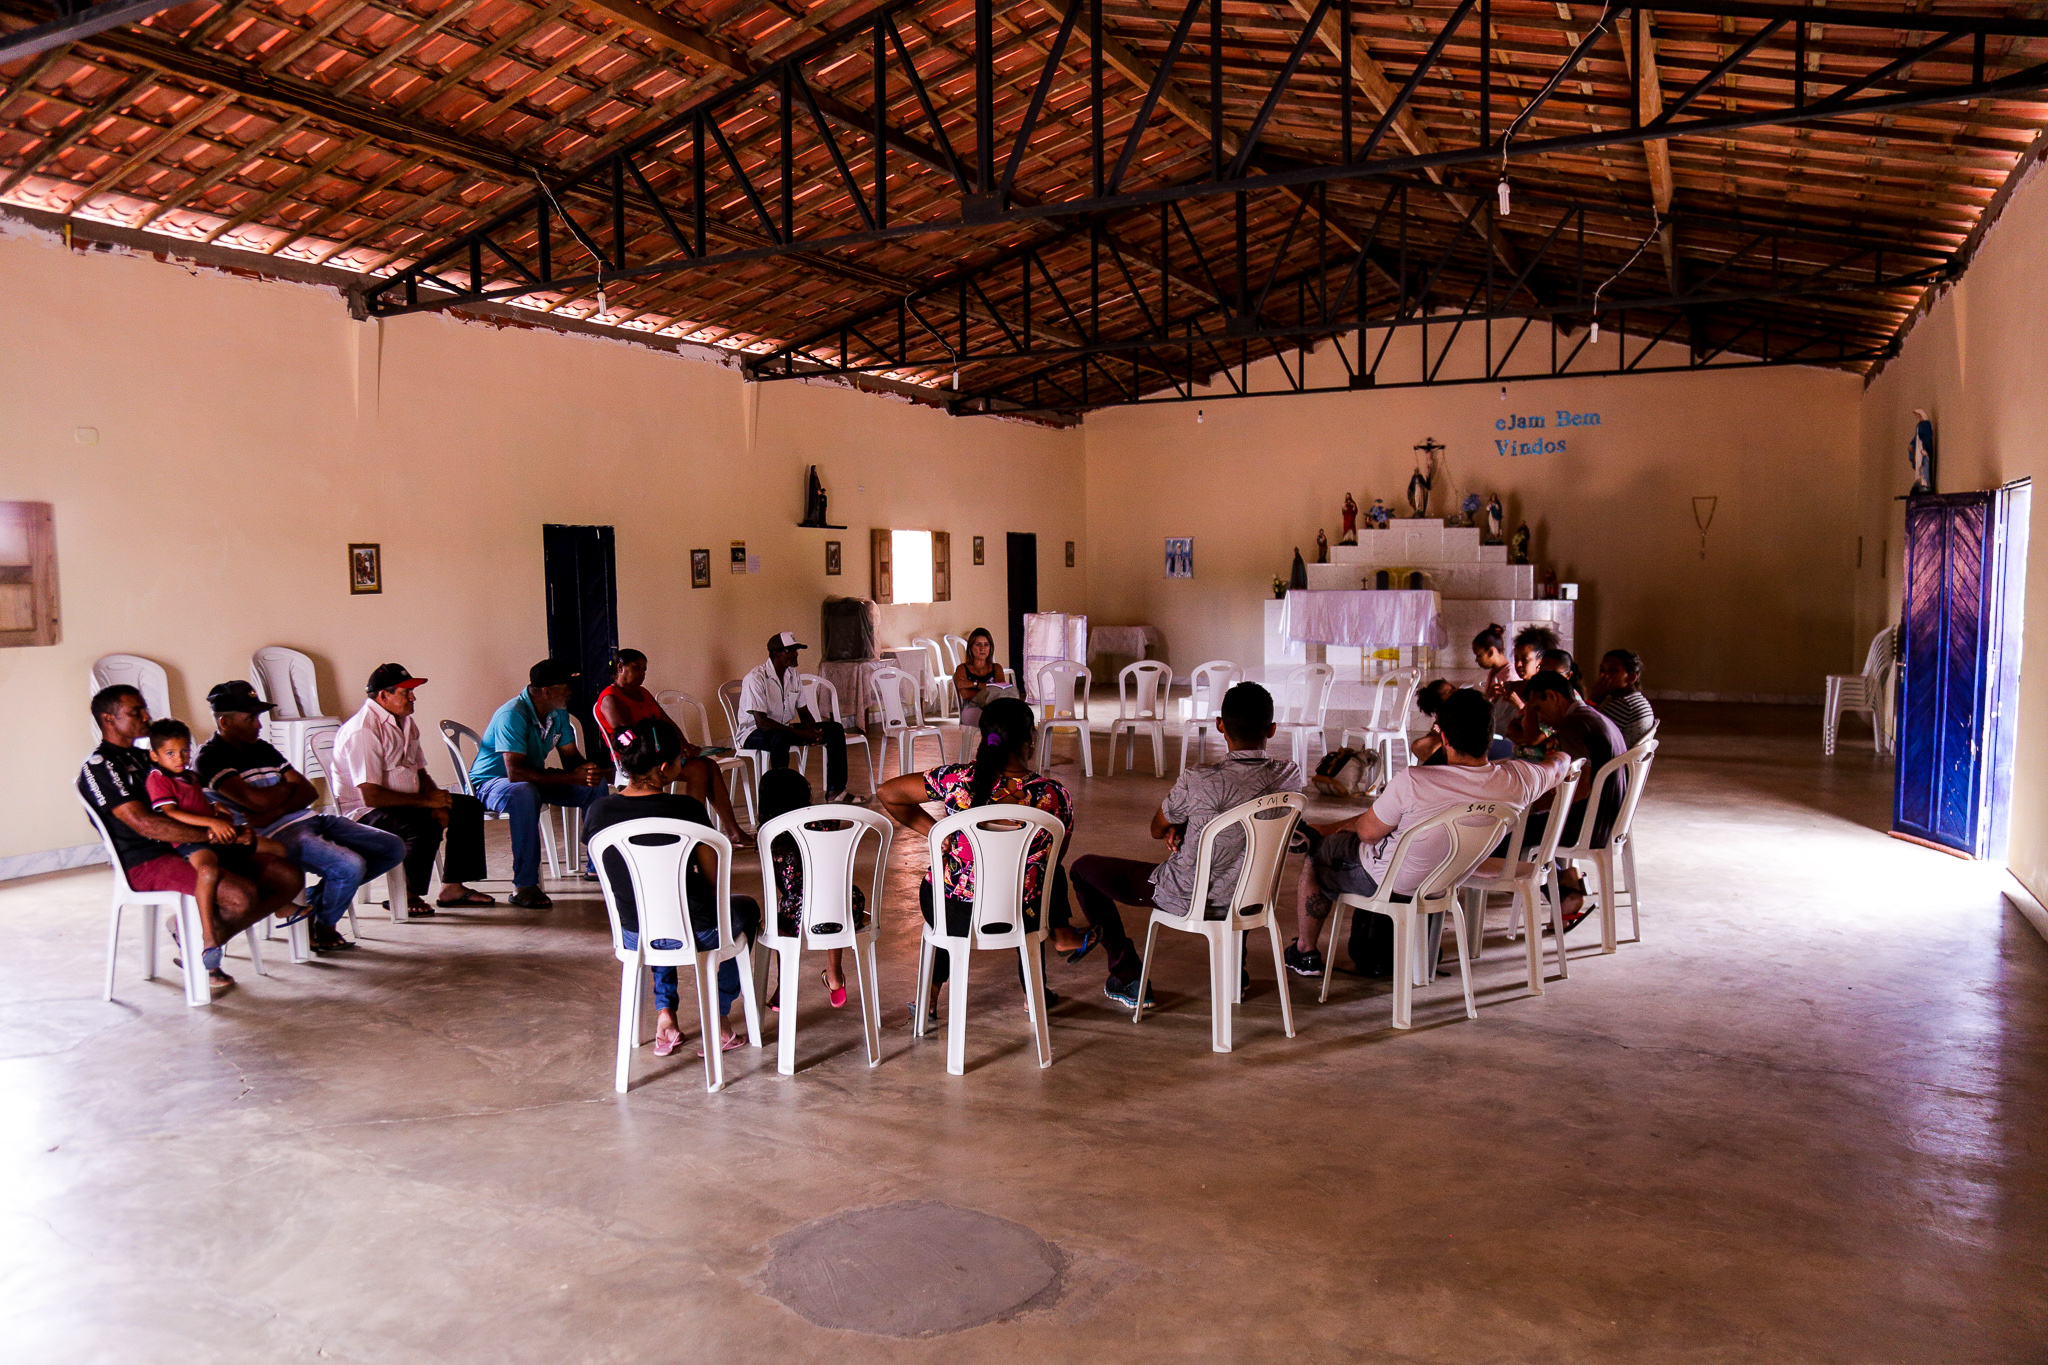 Missão de campo na região da Chapada do Araripe, território que compreende os Estados de Pernambuco, Ceará e Piauí. Foto: João Paulo Brito/Conectas